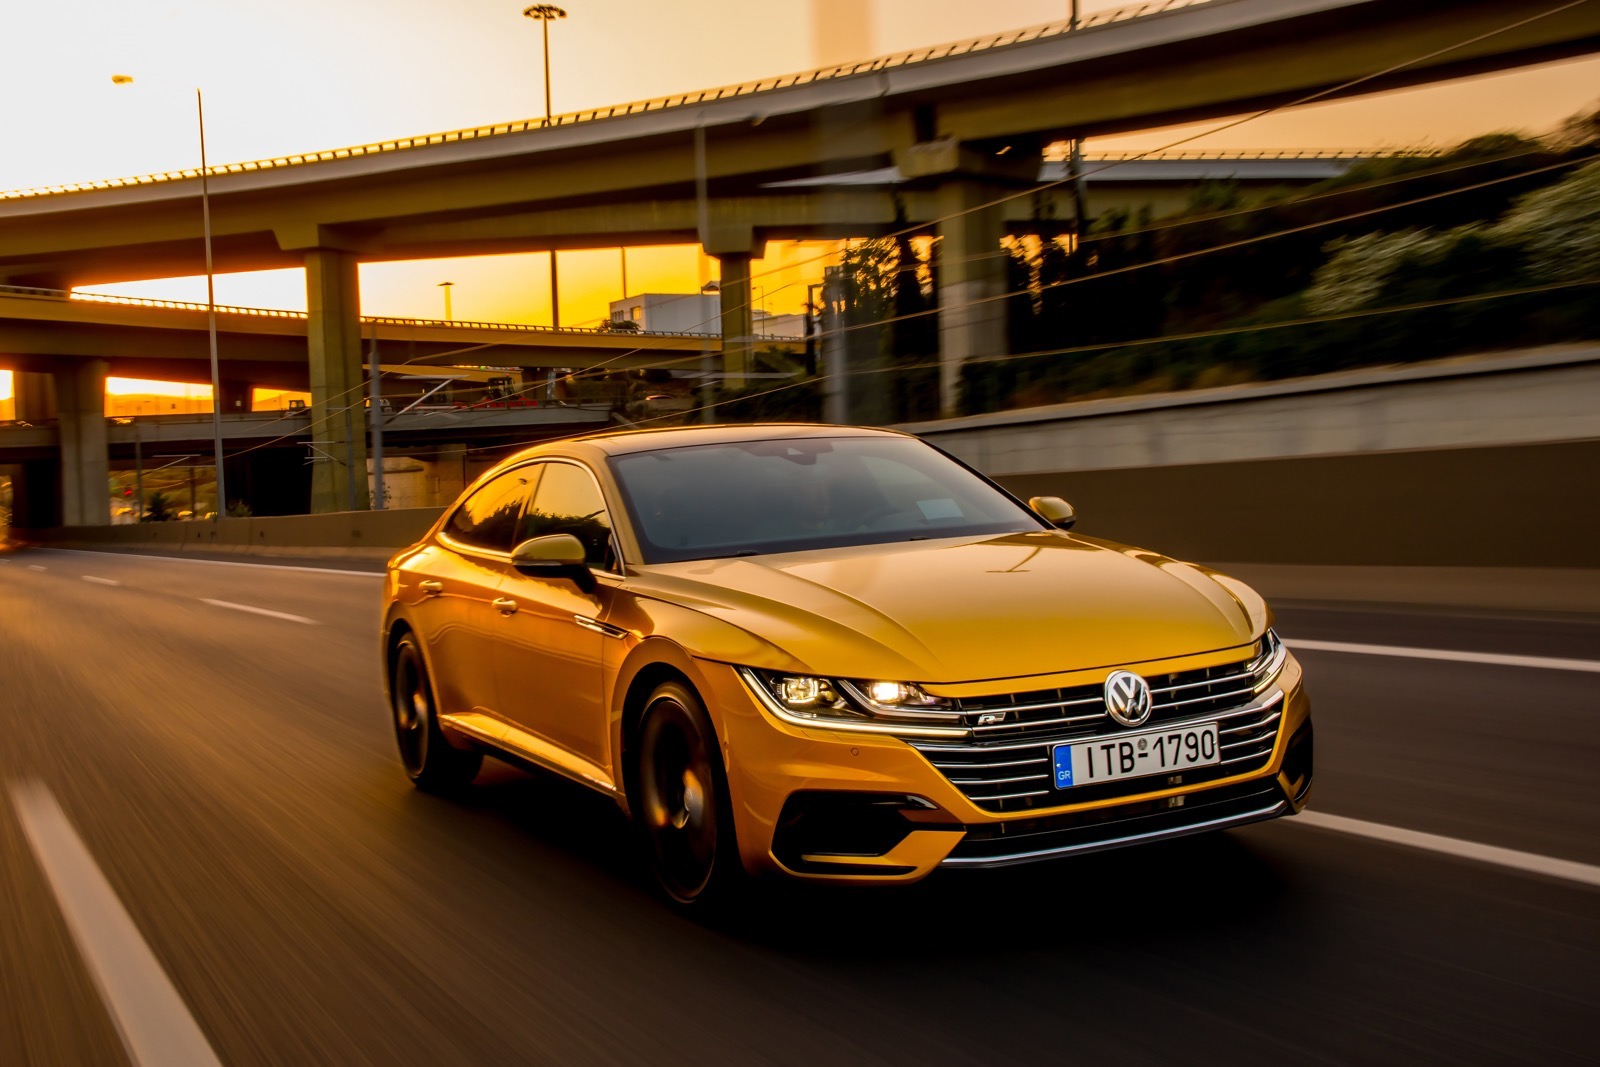 Volkswagen_Arteon_Greek_Presentataion_17